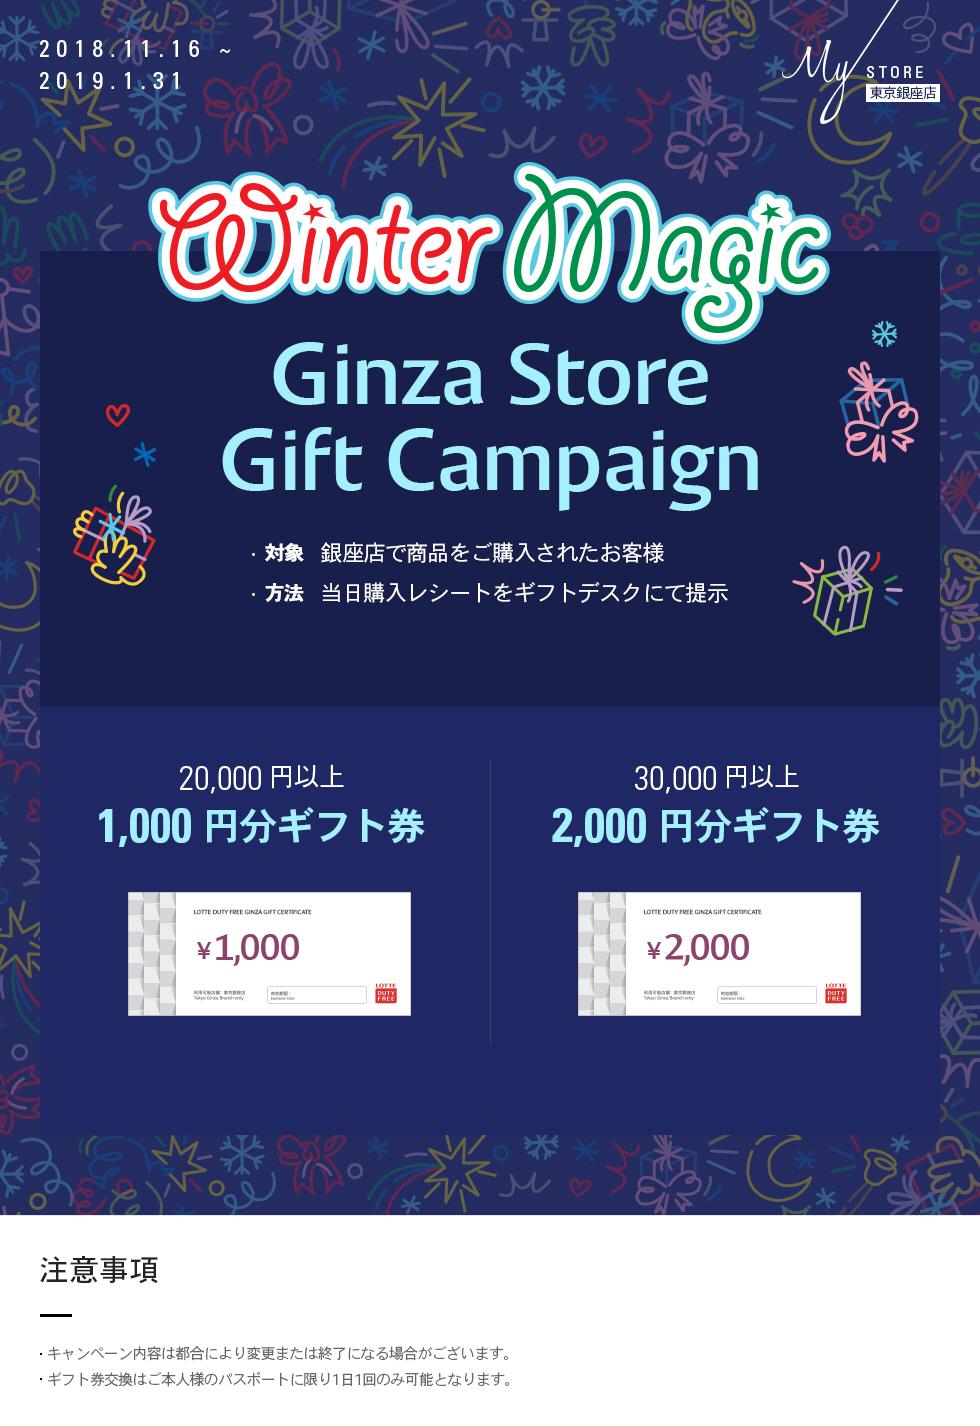 東京銀座店 Winter Magic